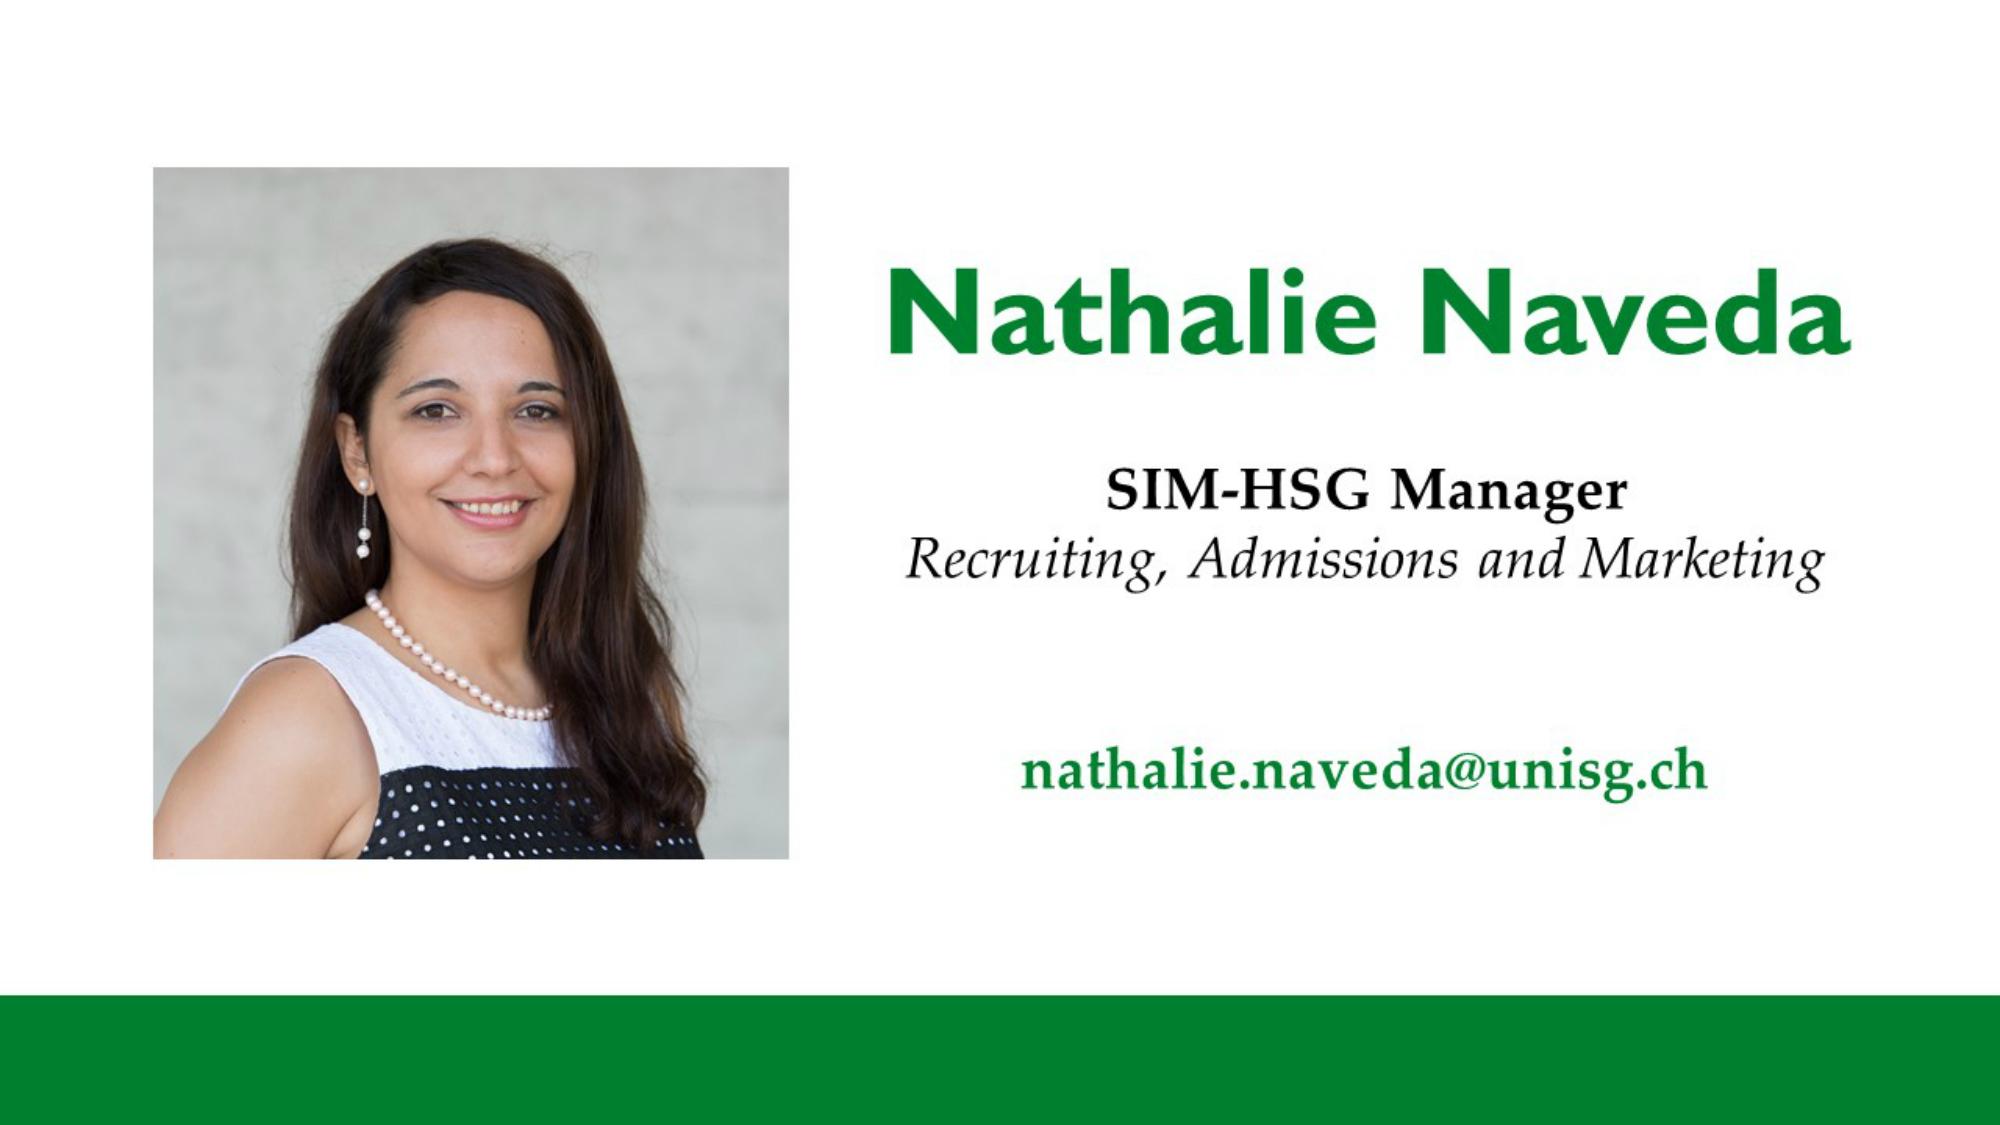 Nathalie Naveda